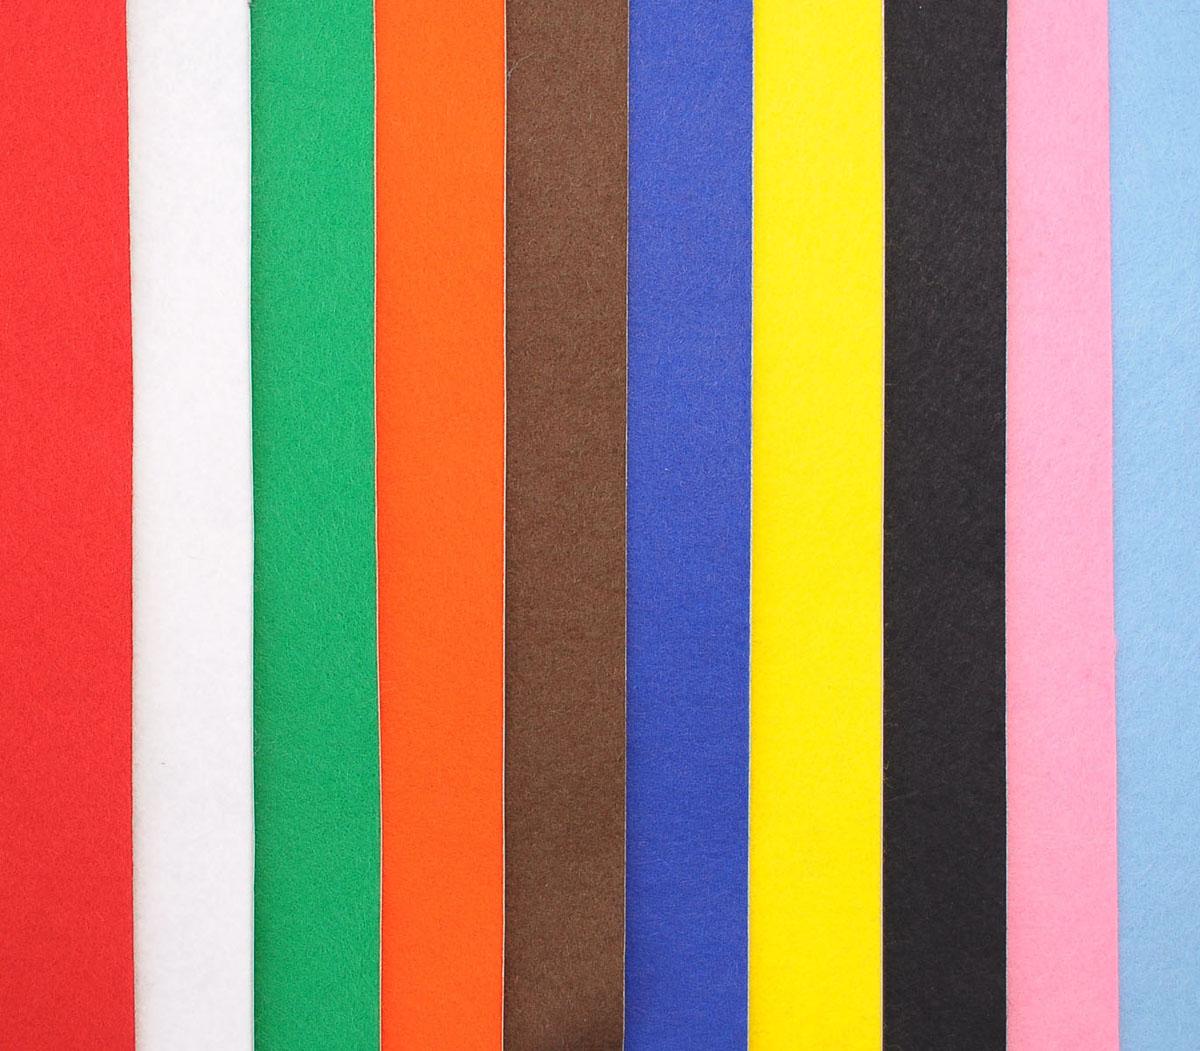 Набор Войлок (фетр)а на клеевой основеVLAPНабор De Witte Engel состоит из 10 войлочных лоскутов на клеевой основе. В набор входят следующие цвета: голубой, розовый, черный, желтый, синий, коричневый, оранжевый, зеленый, белый, красный. Войлок (фетр) на клеевой основе позволит вам делать любые аппликации, даже маленькие детали вам будет удобно вырезать, а потом только убрать защитный слой бумаги и приклеить деталь на нужное место.